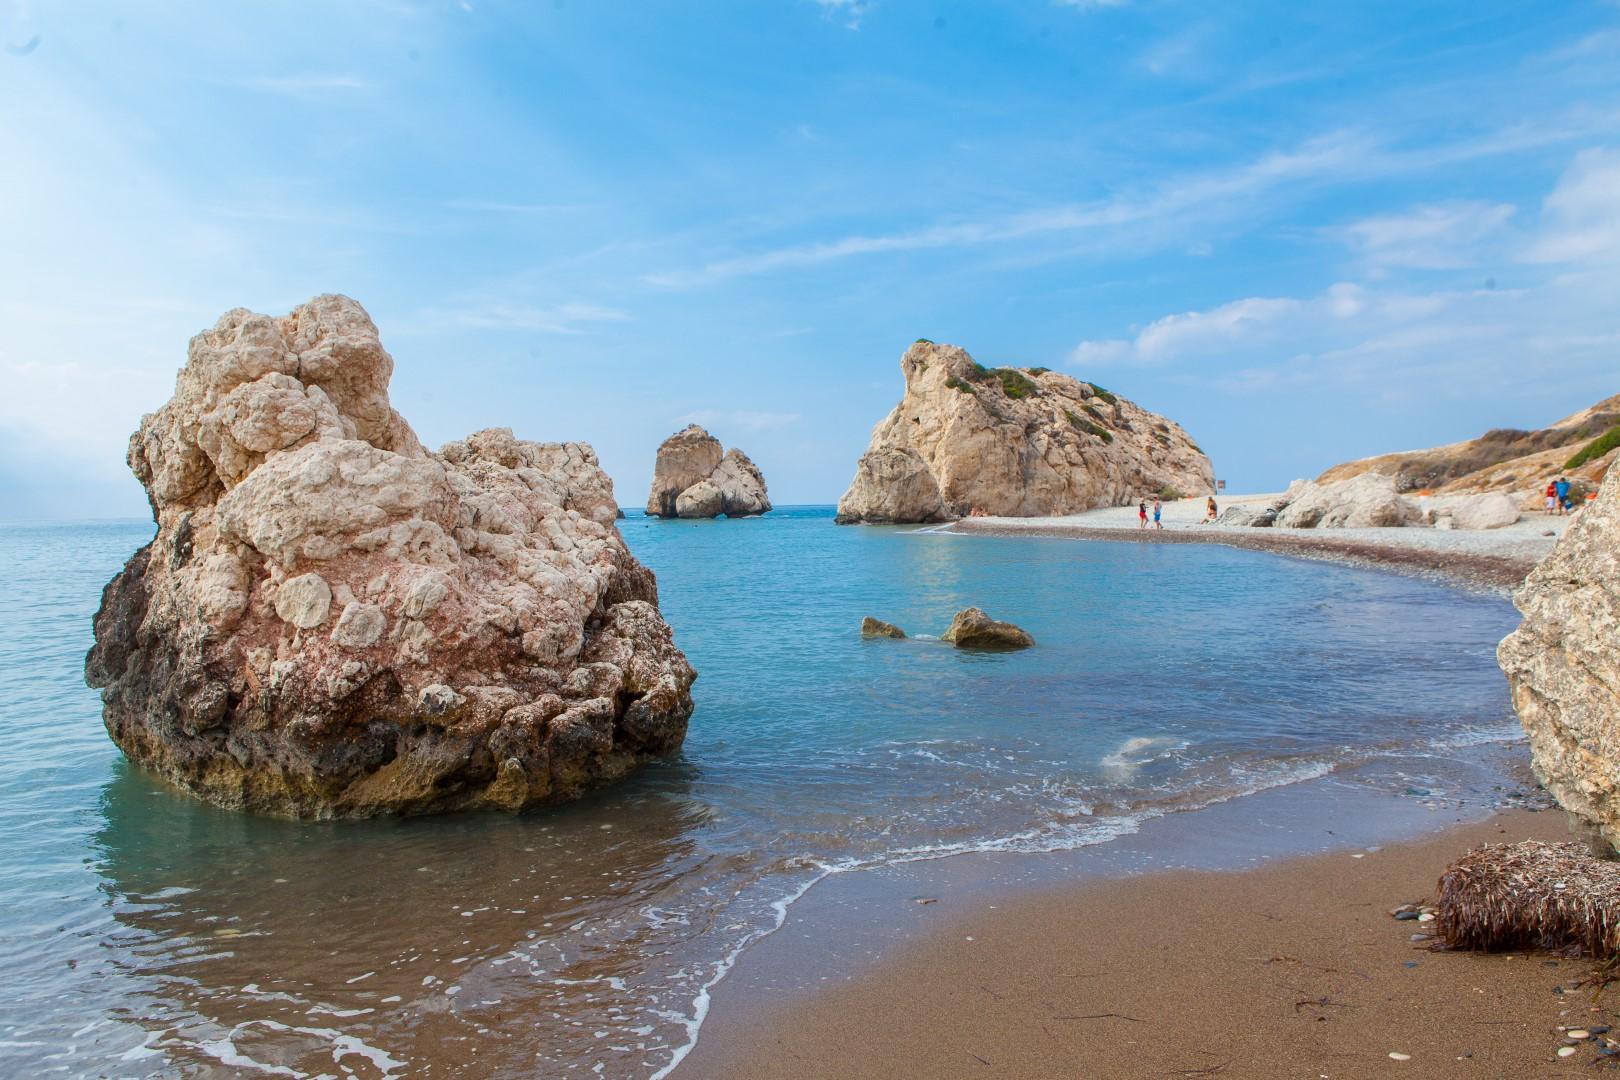 Cipro: la bellezza dell'isola di Venere